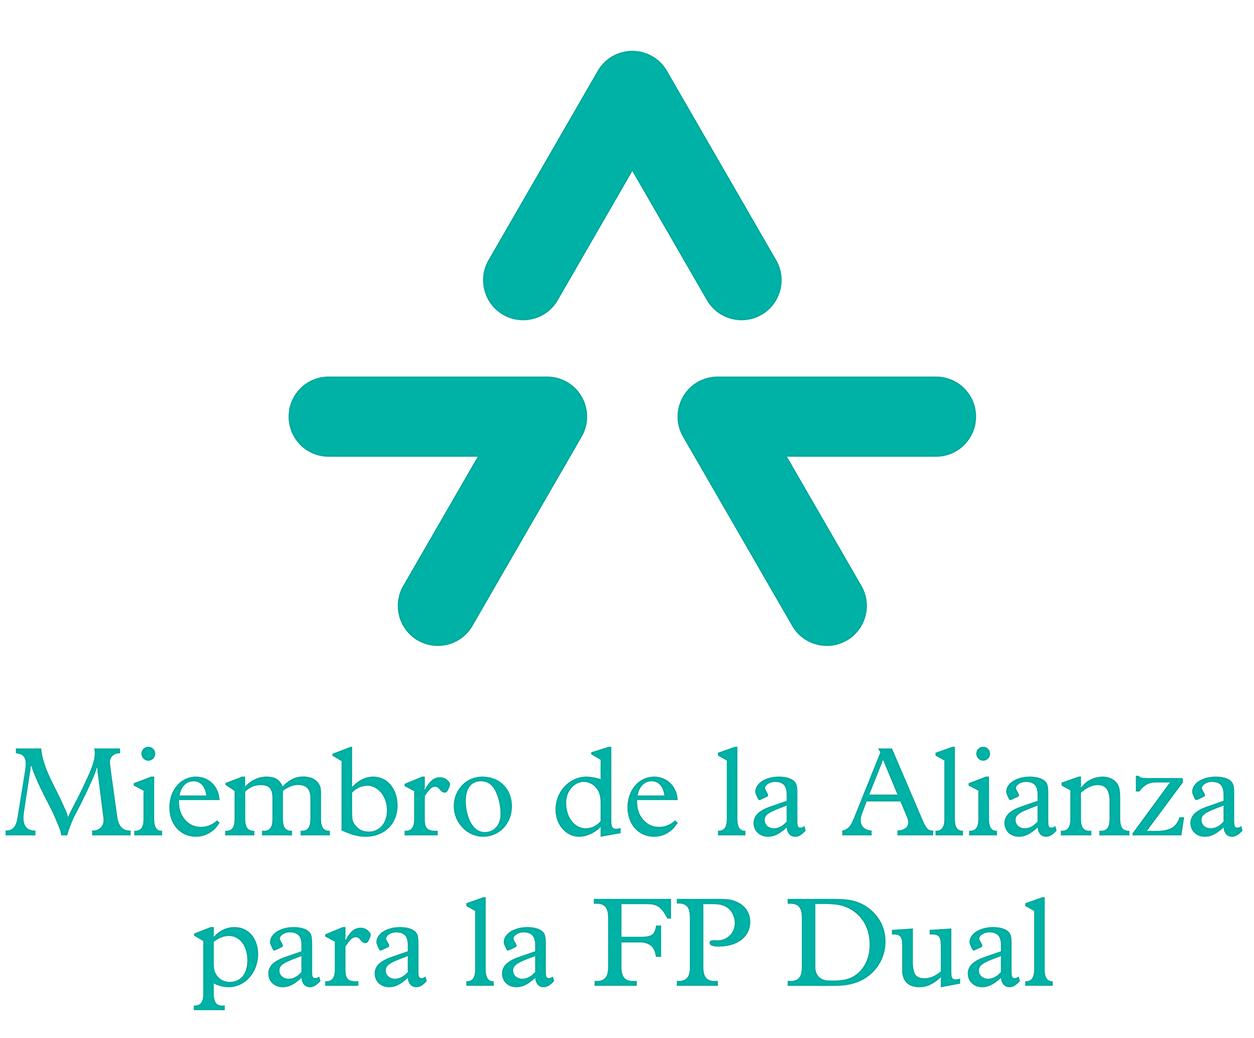 Alianza para la FP Dual